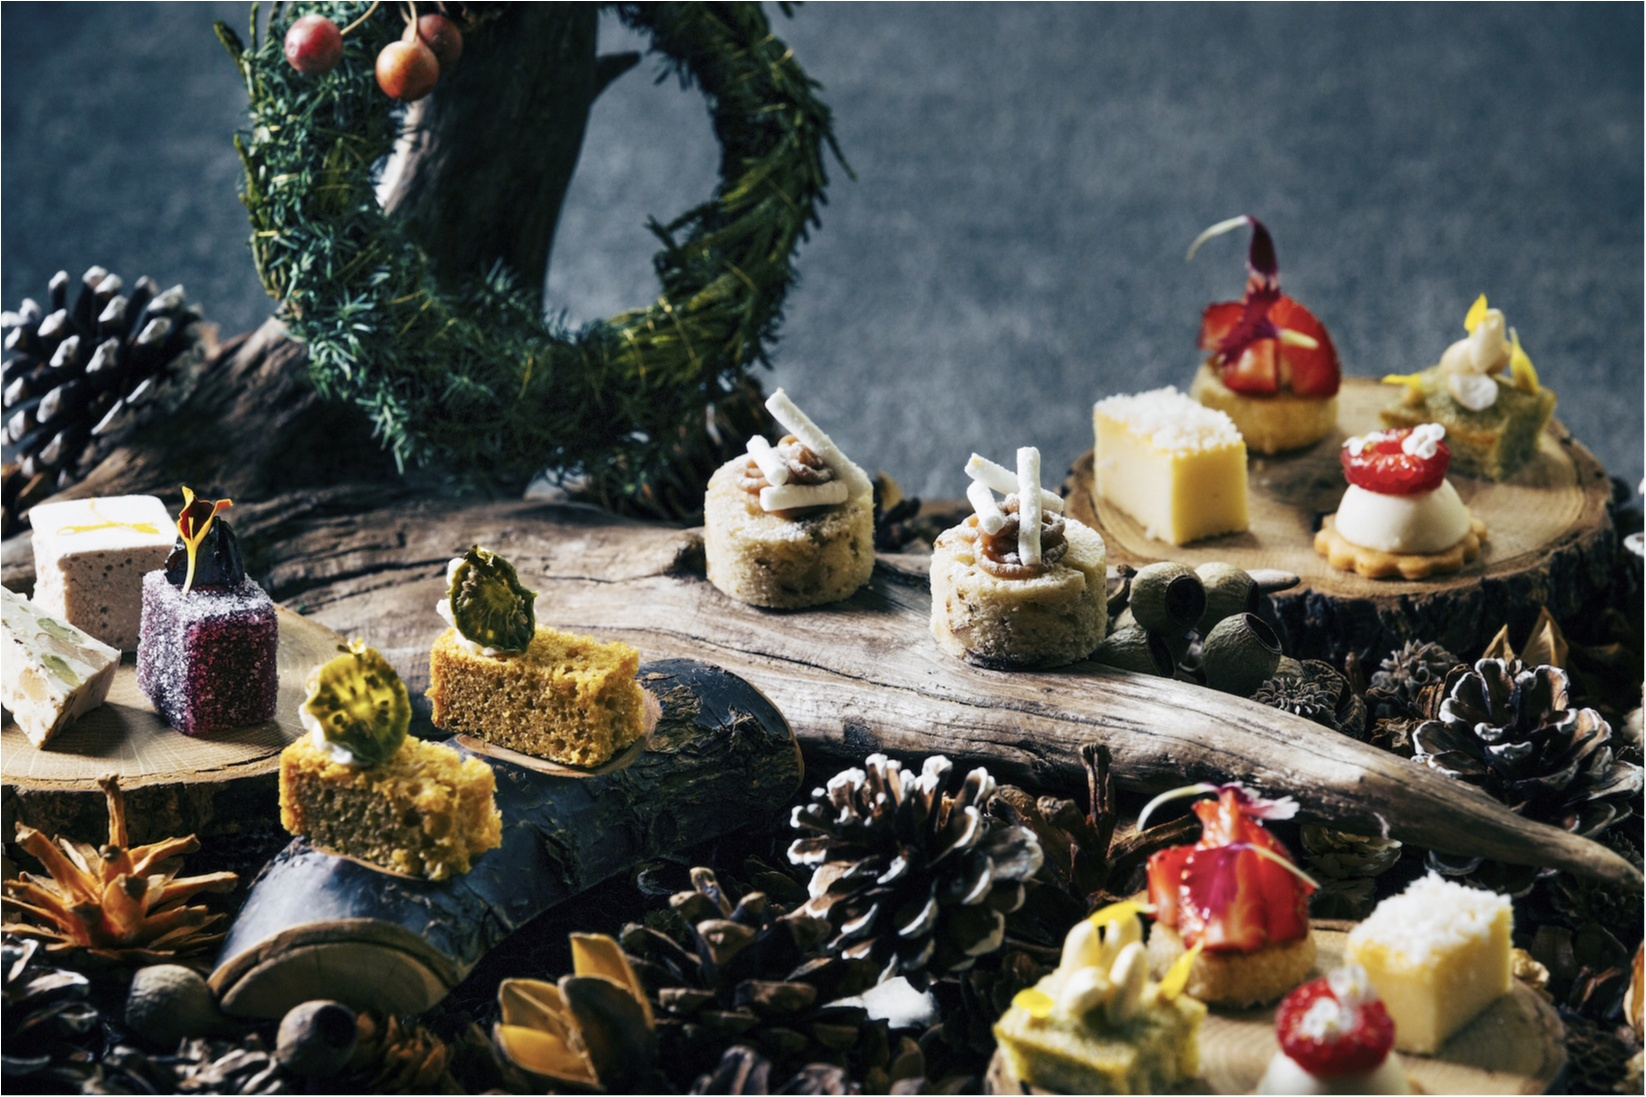 クリスマスは『星野リゾート 軽井沢ブレストンコート』でリッチなスイーツコースを食べてみない? 隣接の『軽井沢高原教会』ではキャンドルナイトも♡_1_4